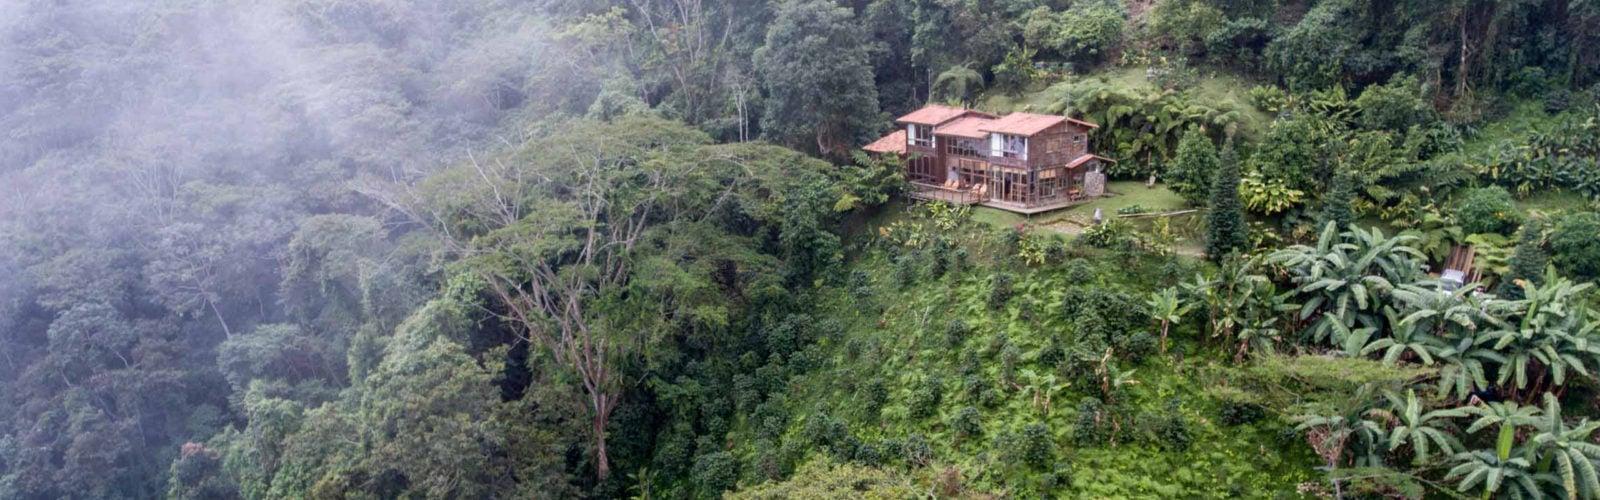 casa-galavanta-deck-exterior